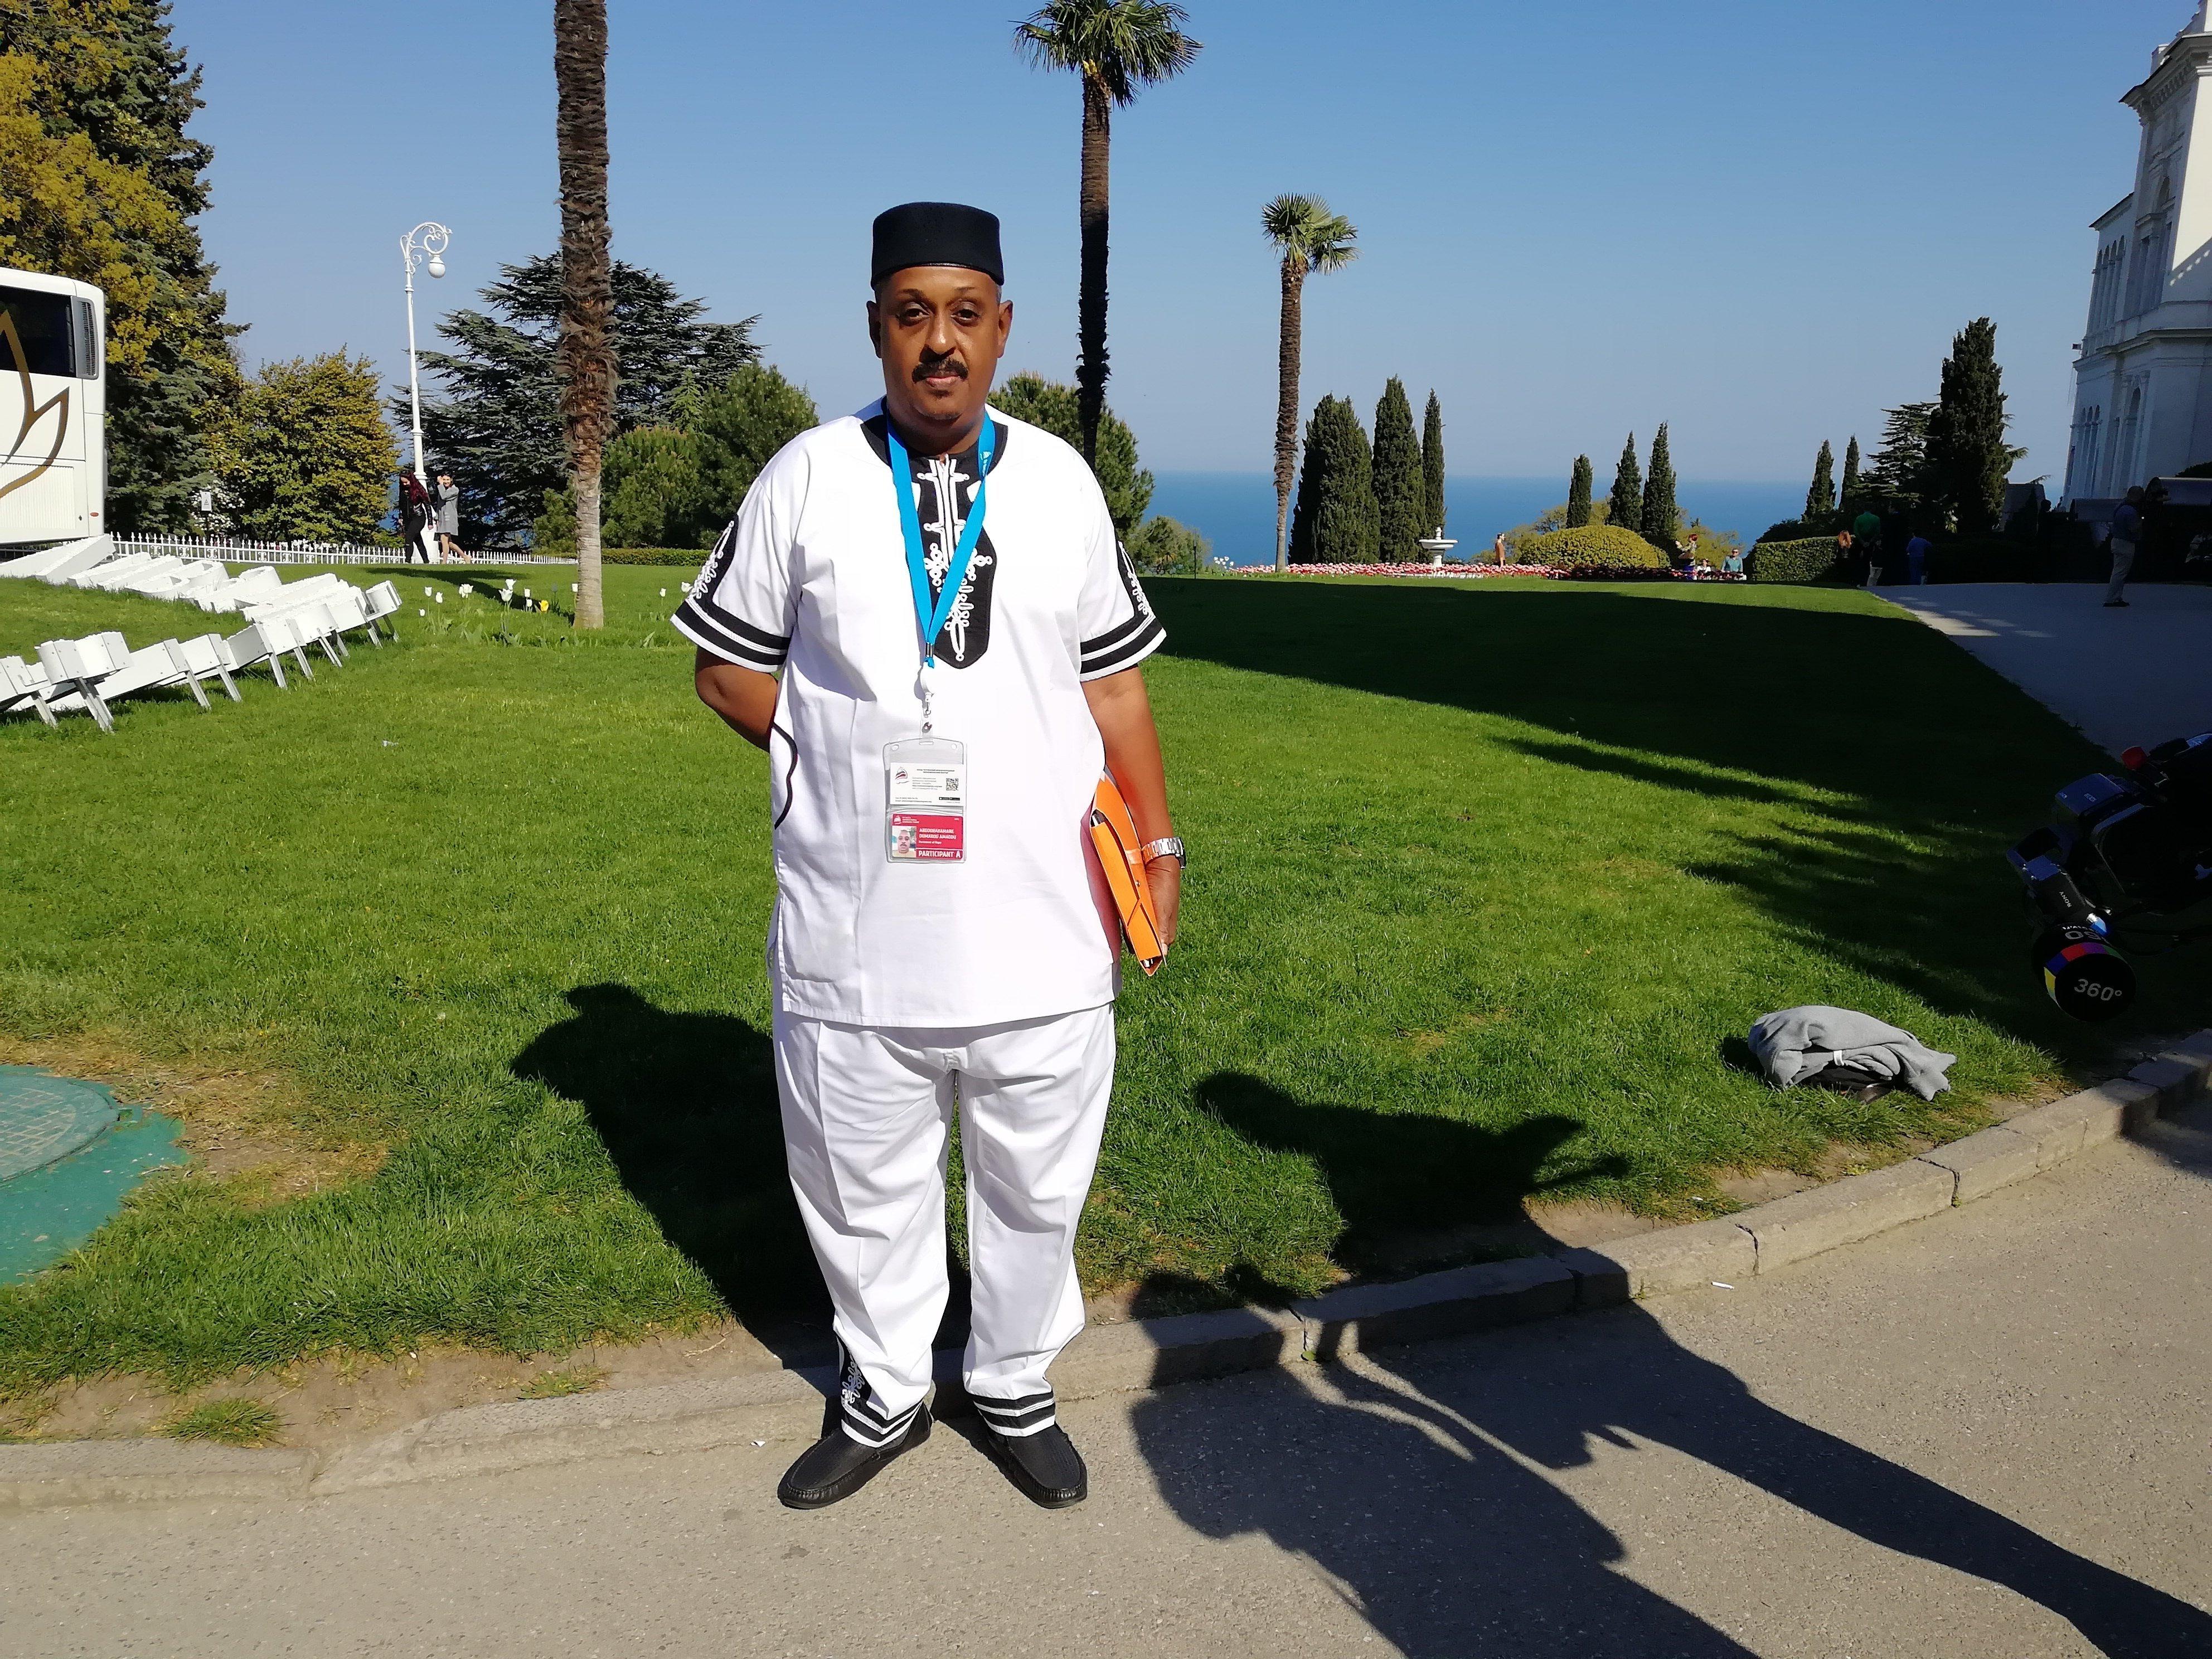 Oumarou Abdourahamane, député de l'assemblée nationale du Niger